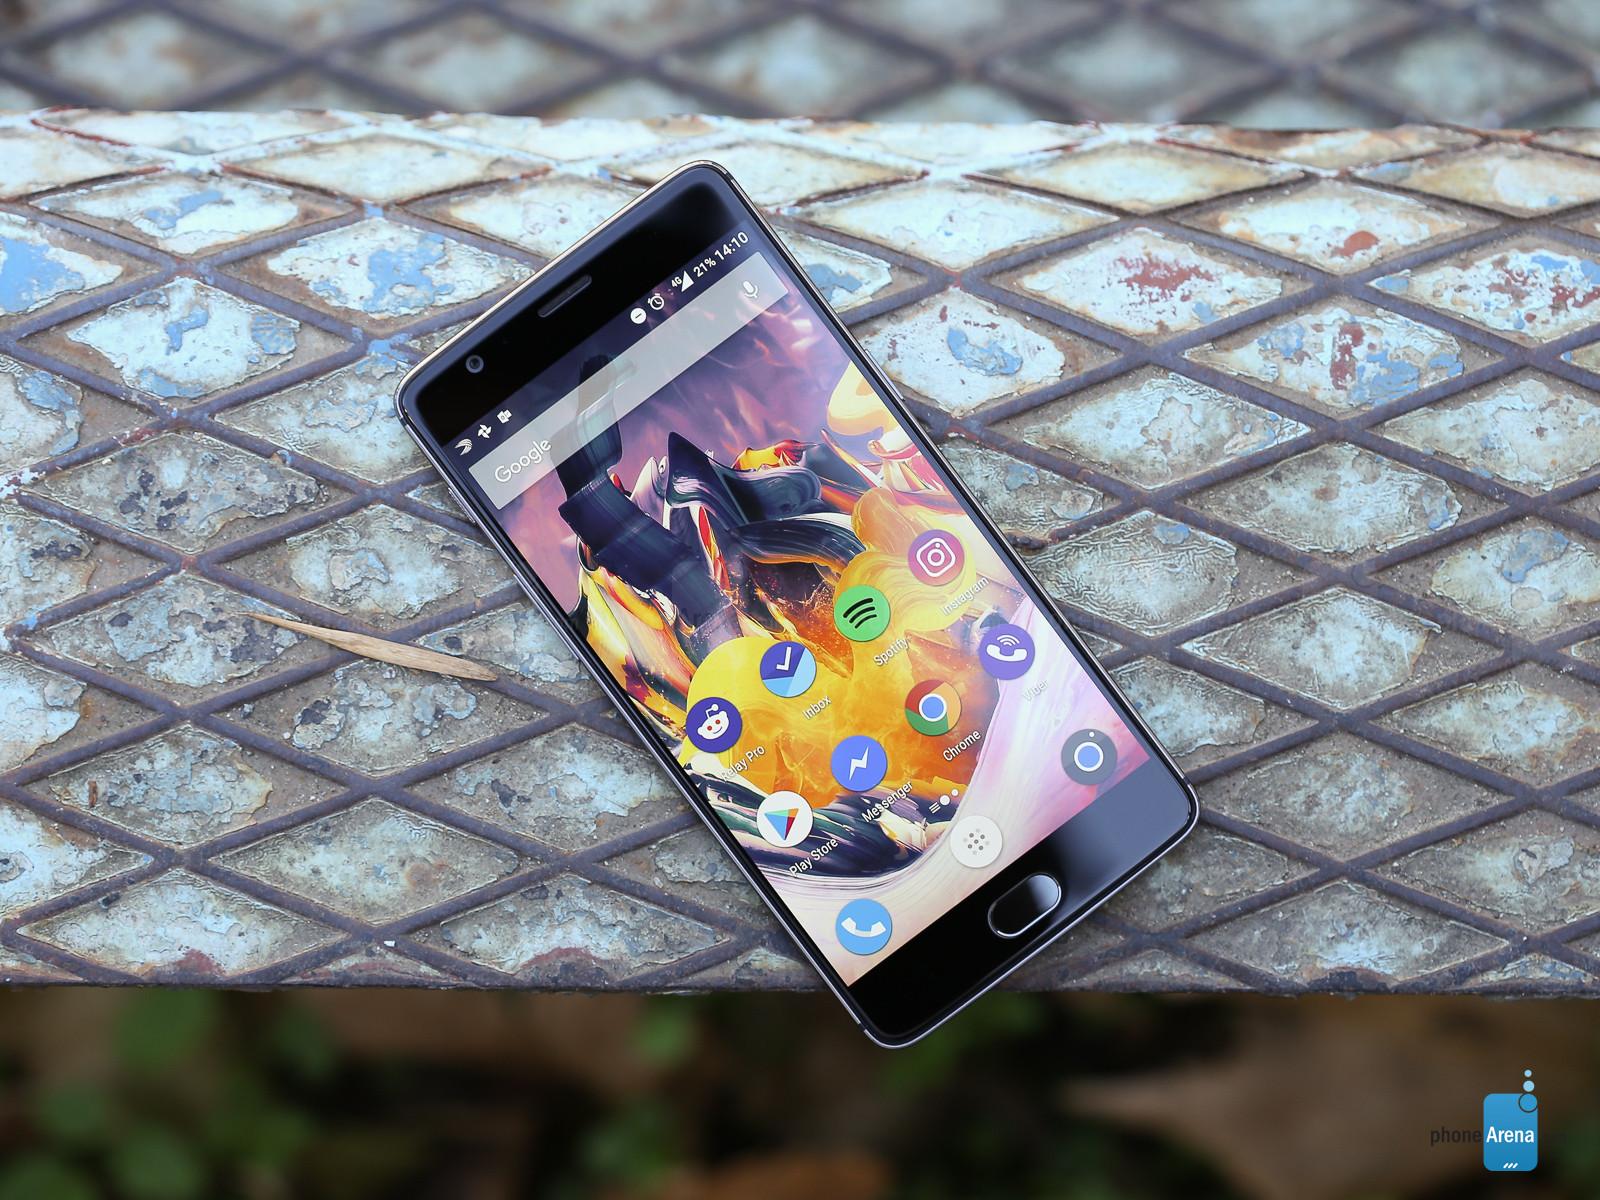 وان پلاس نیز دستیار هوشمند گوگل را برای تلفن هایش انتخاب می کند